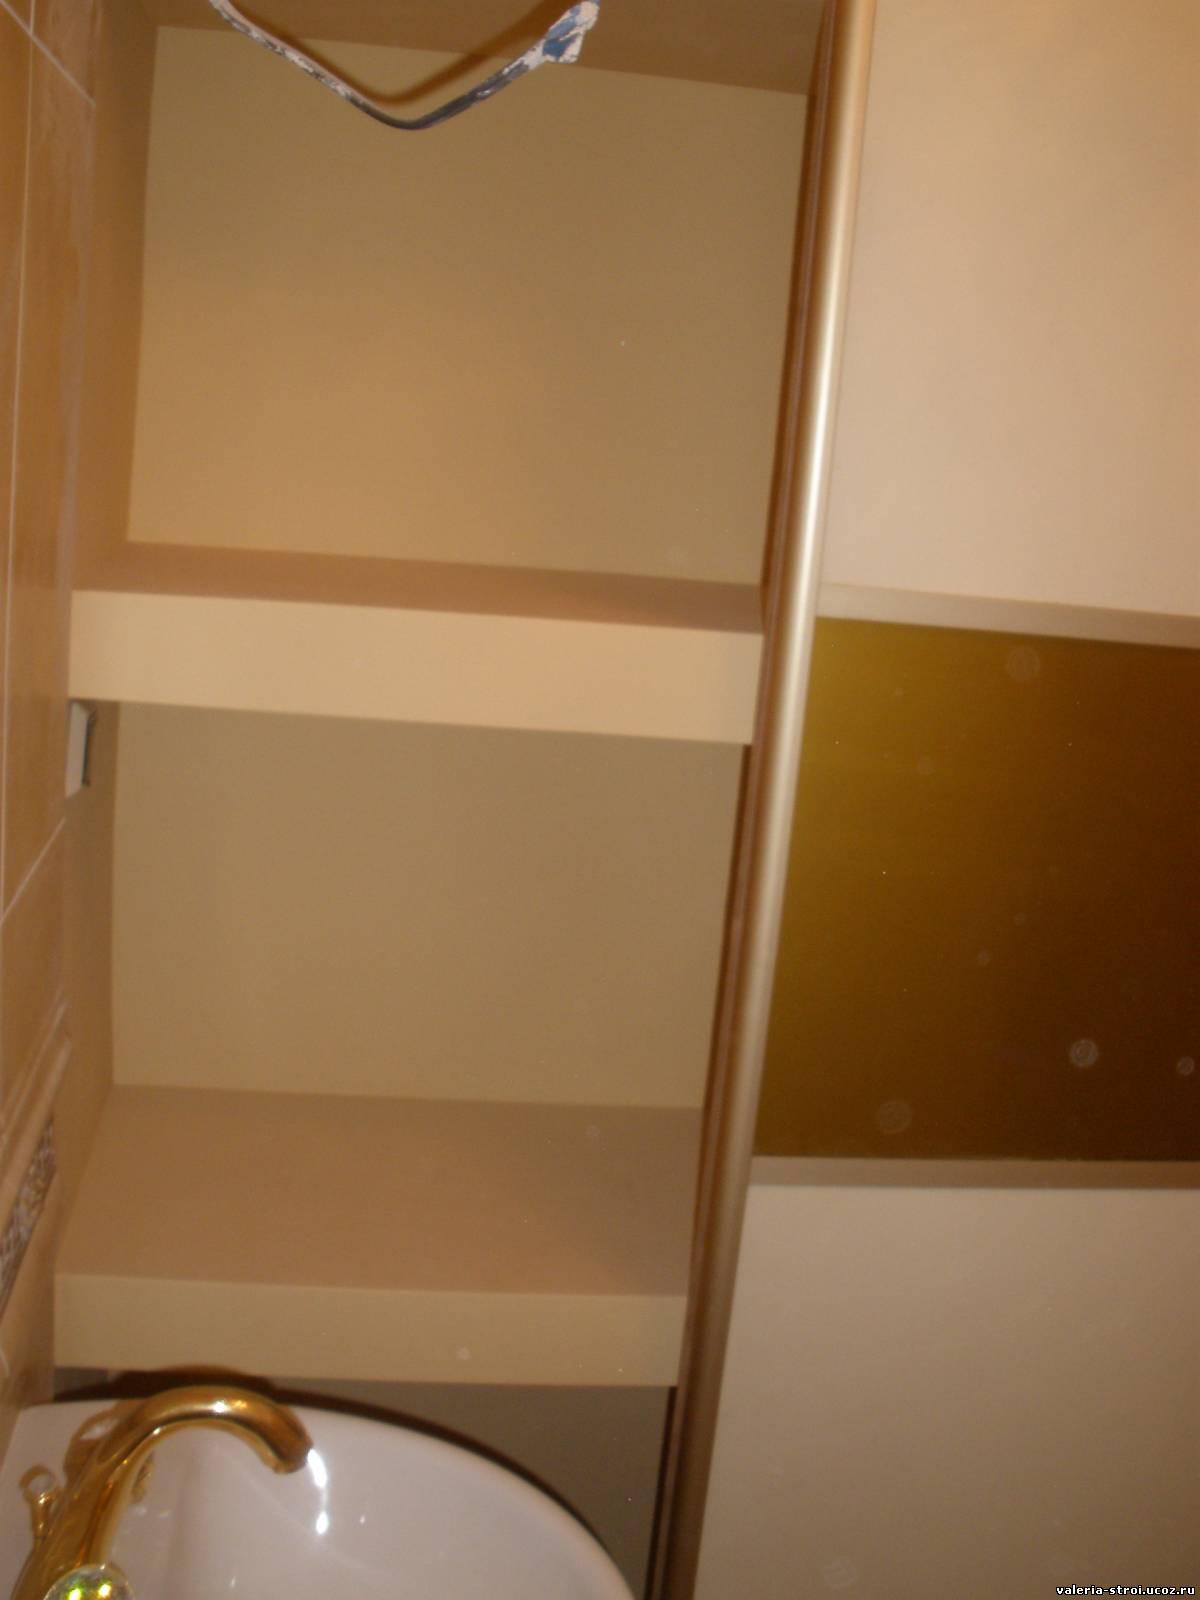 Кладовка в квартире, как из кладовки сделать гардеробную 28